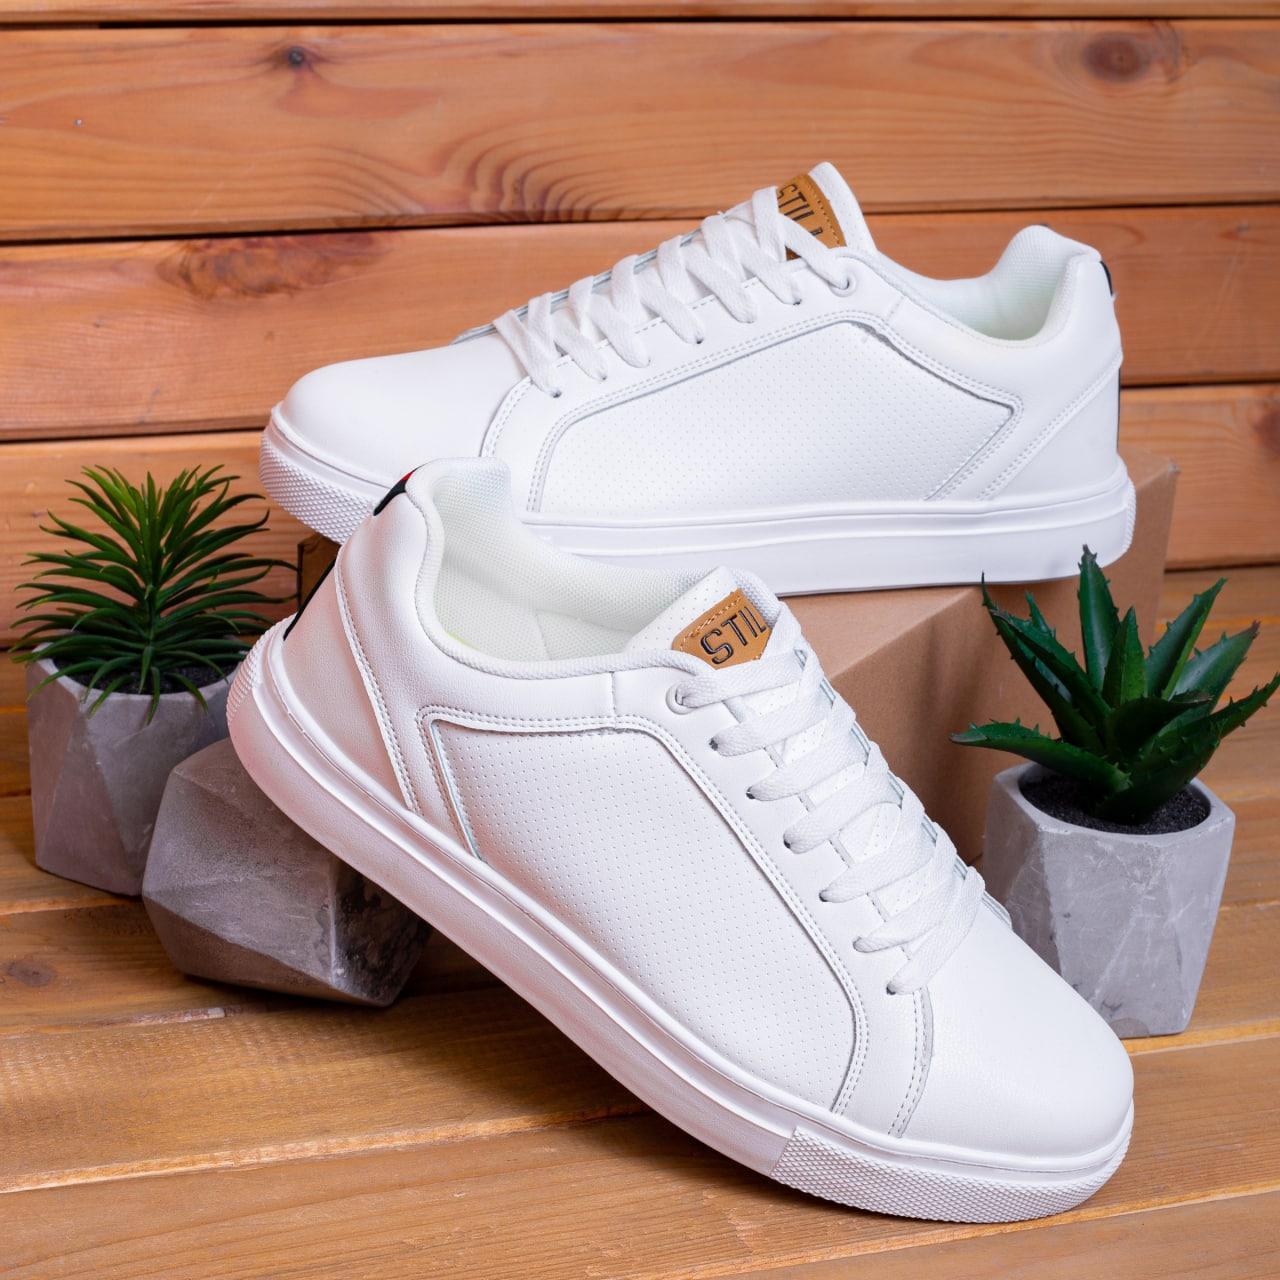 Чоловічі кросівки Стіллі Форс Гучи (білі)